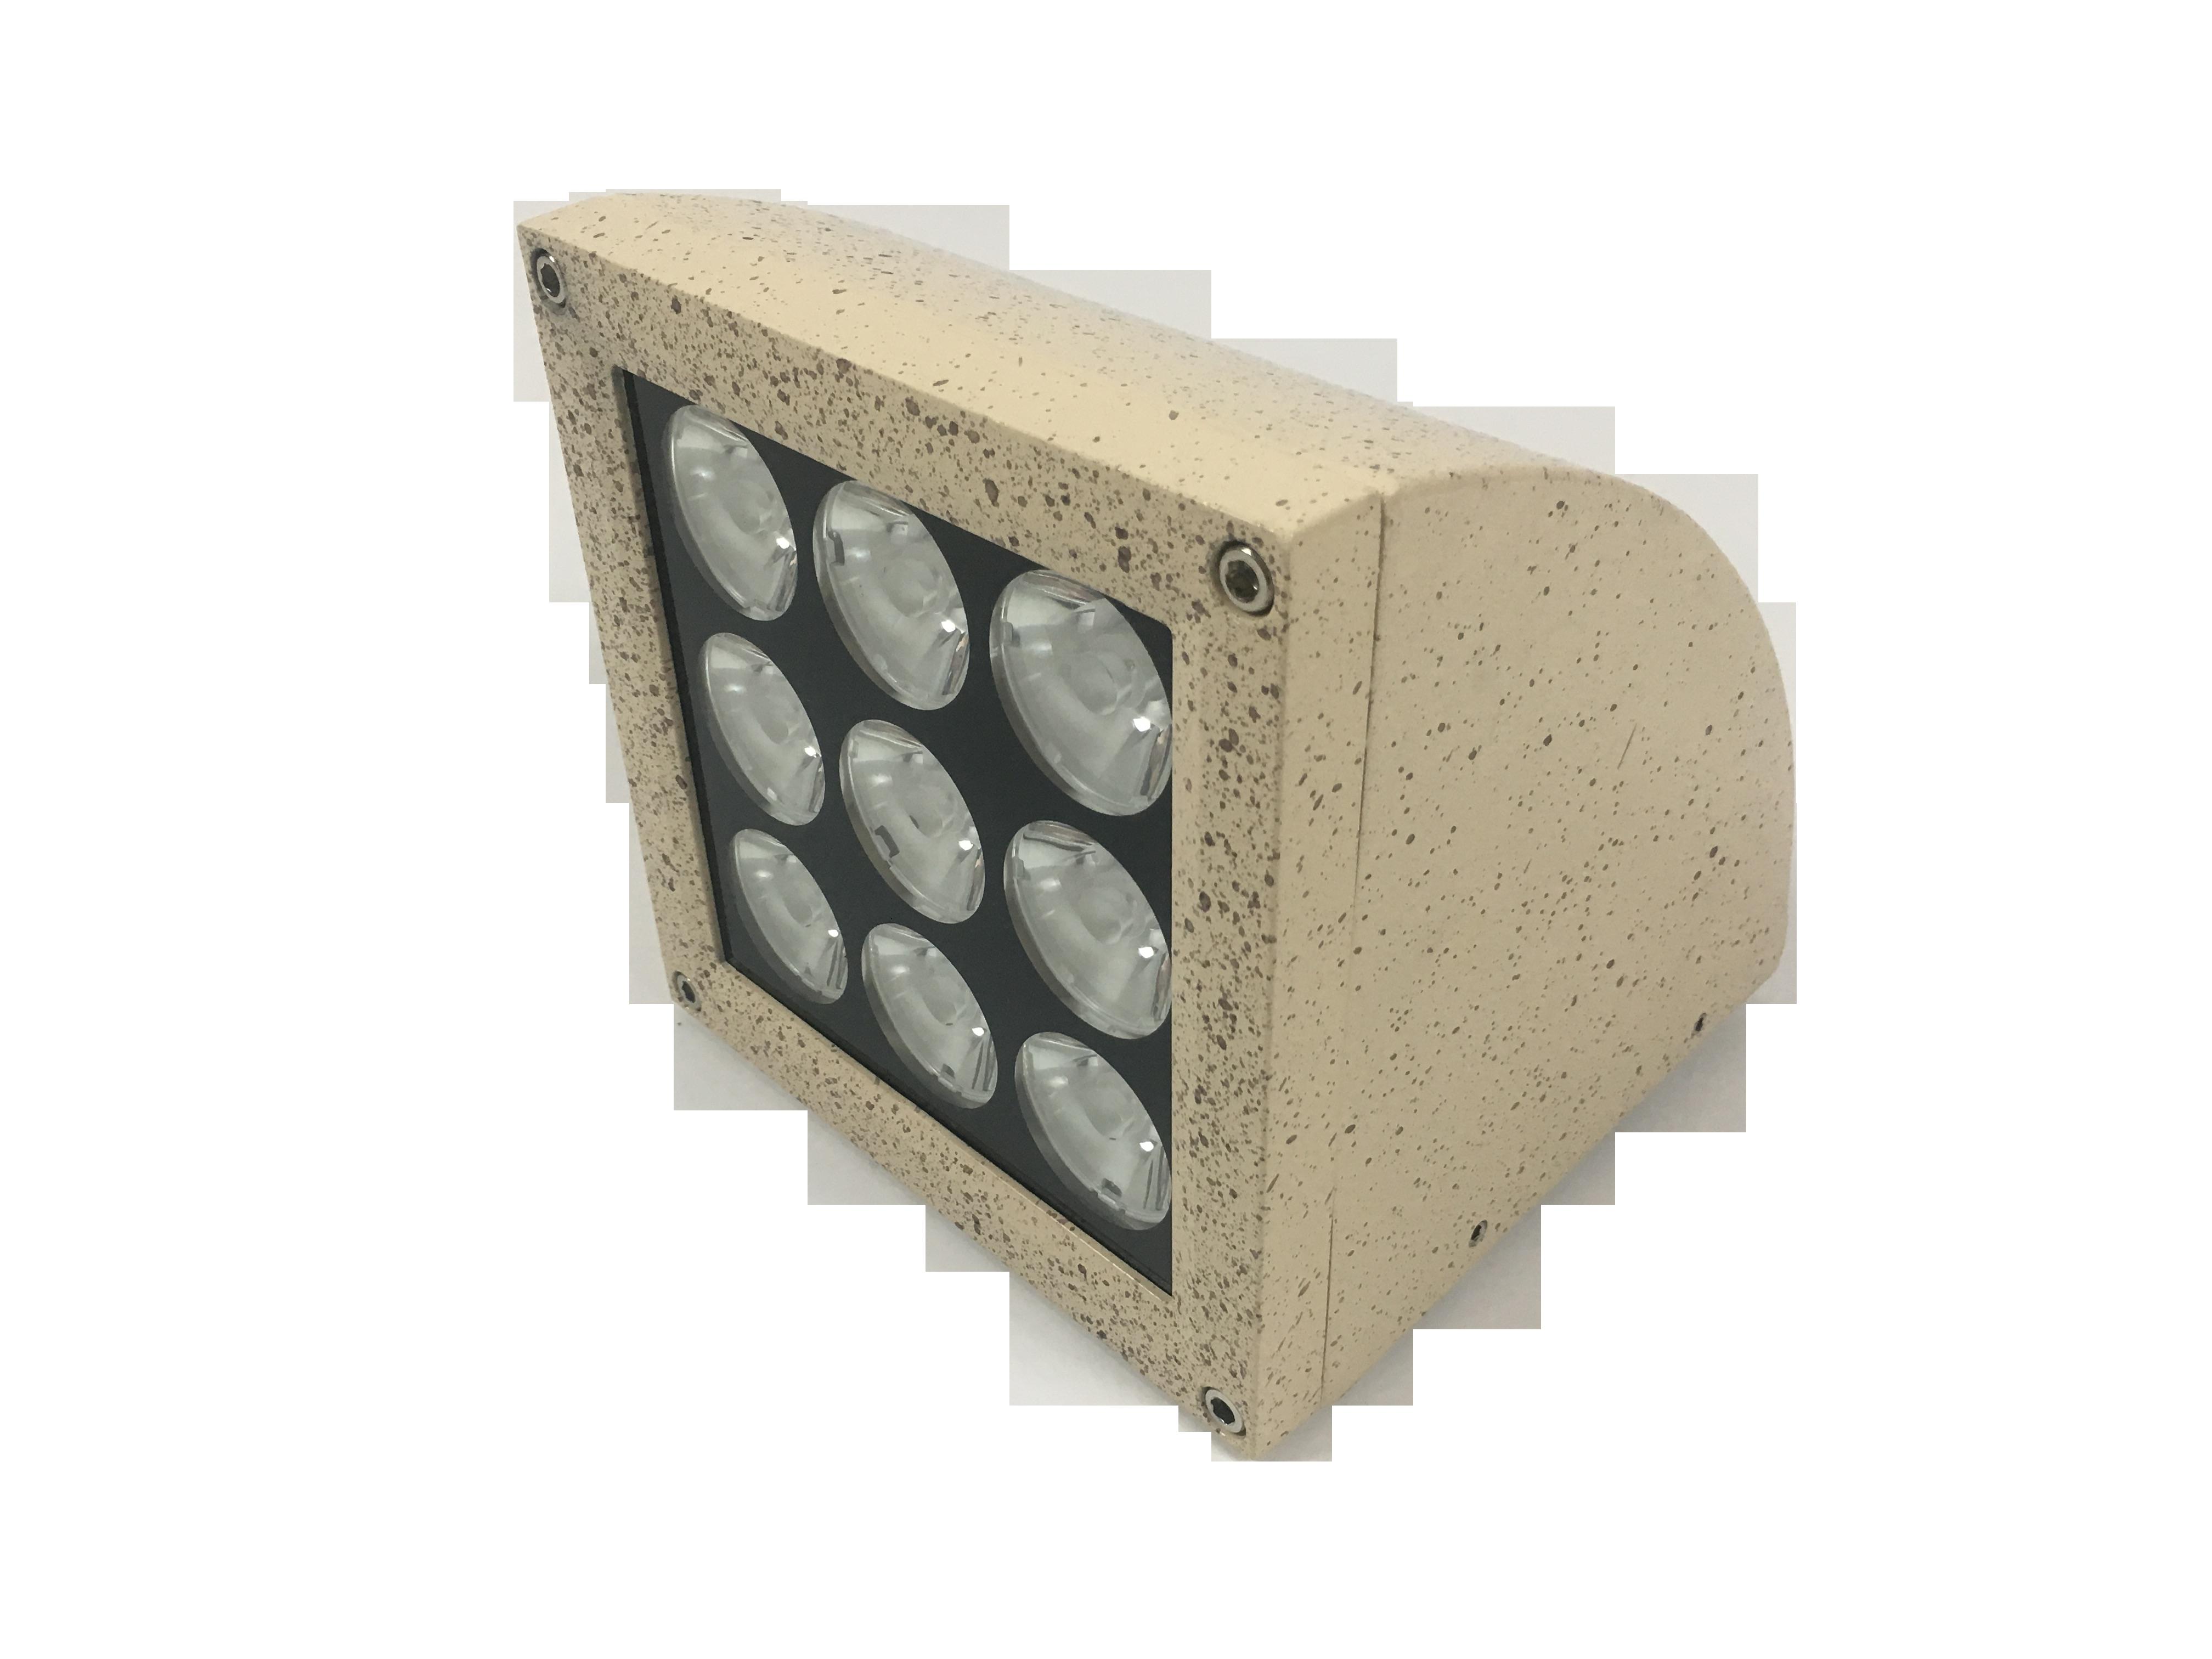 半圆壁灯18W LED半圆壁灯 18w24w36W半弧形壁灯  LED半圆形壁灯压铸